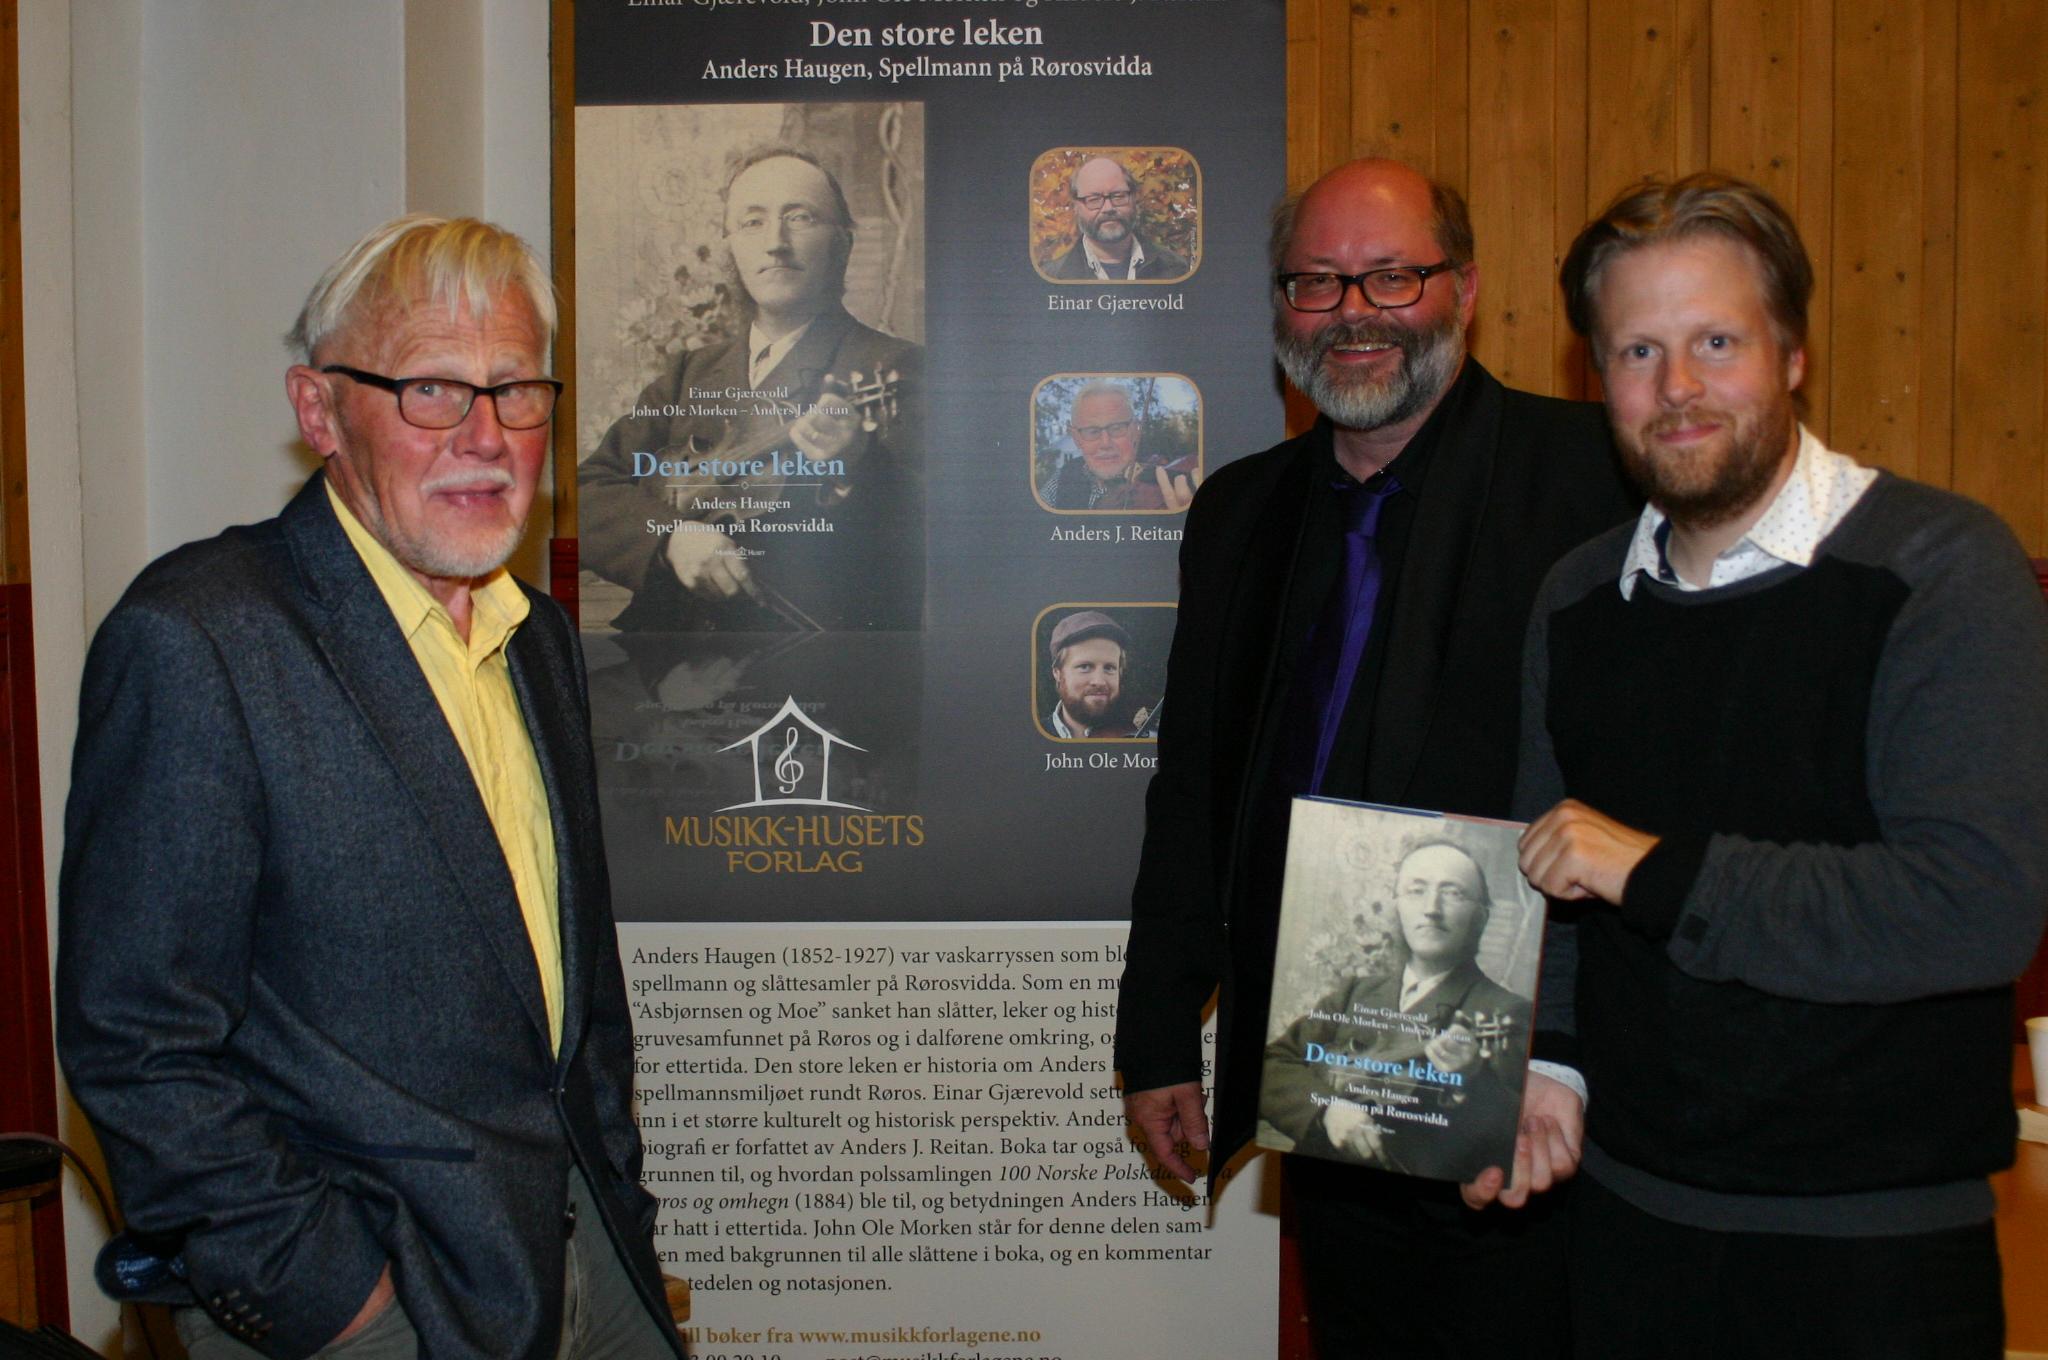 Anders J. Reitan, Einar Gjærevold og John Ole Morken. Foto: Jon Peder Aspås.